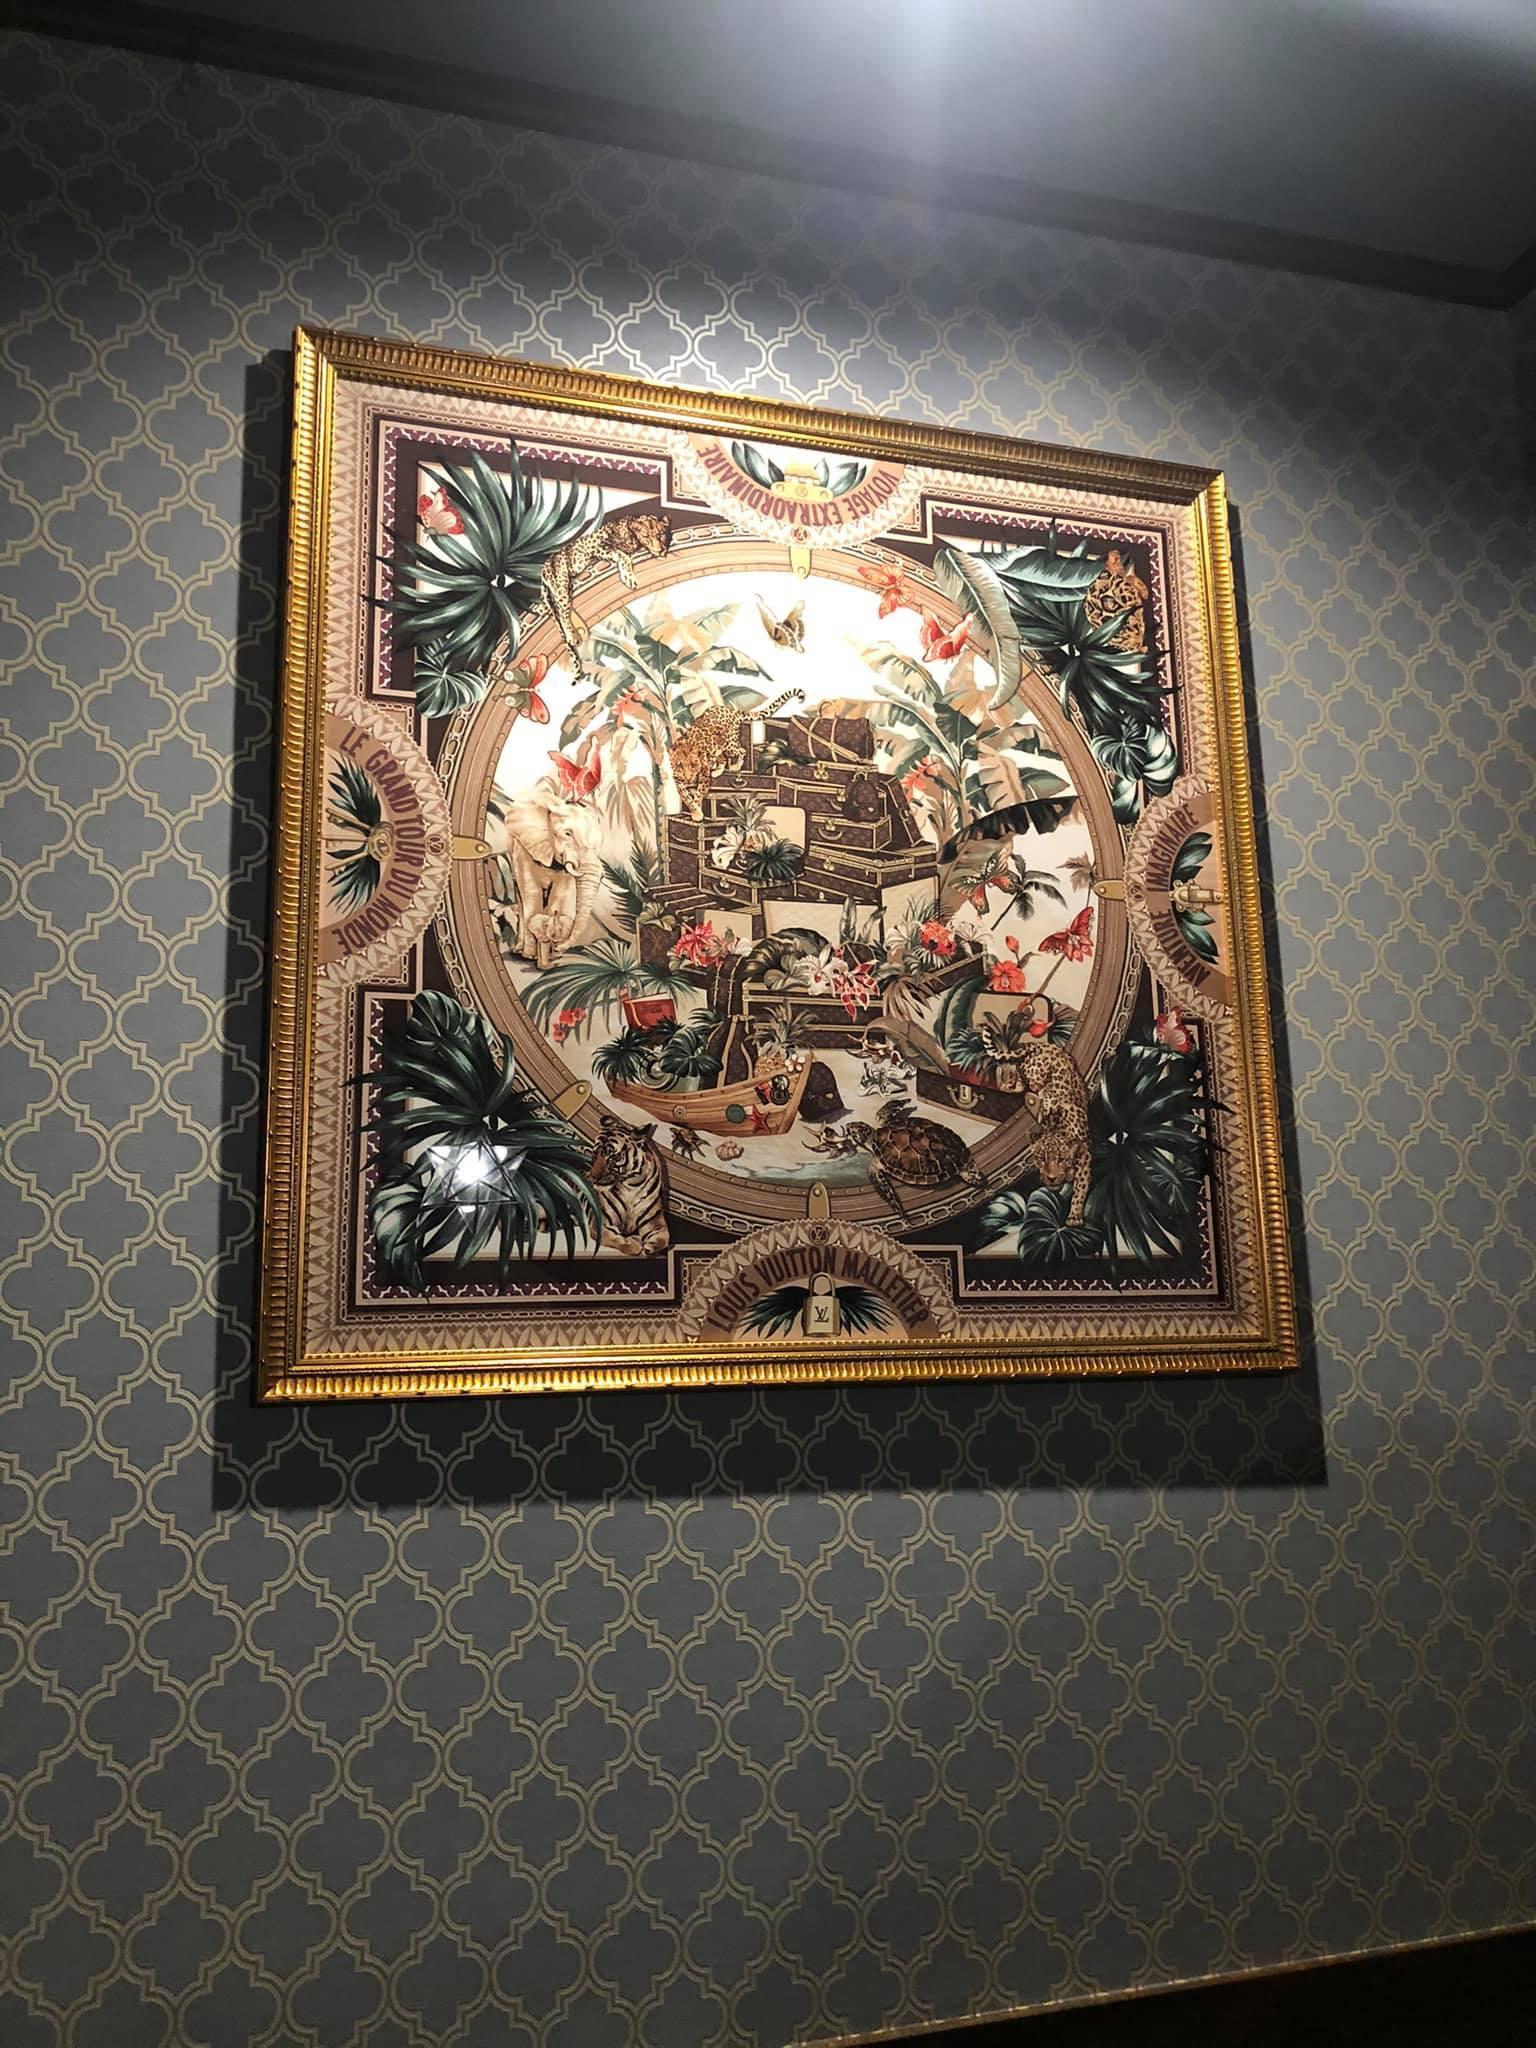 スカーフ額装の世界_e0133255_14564022.jpg